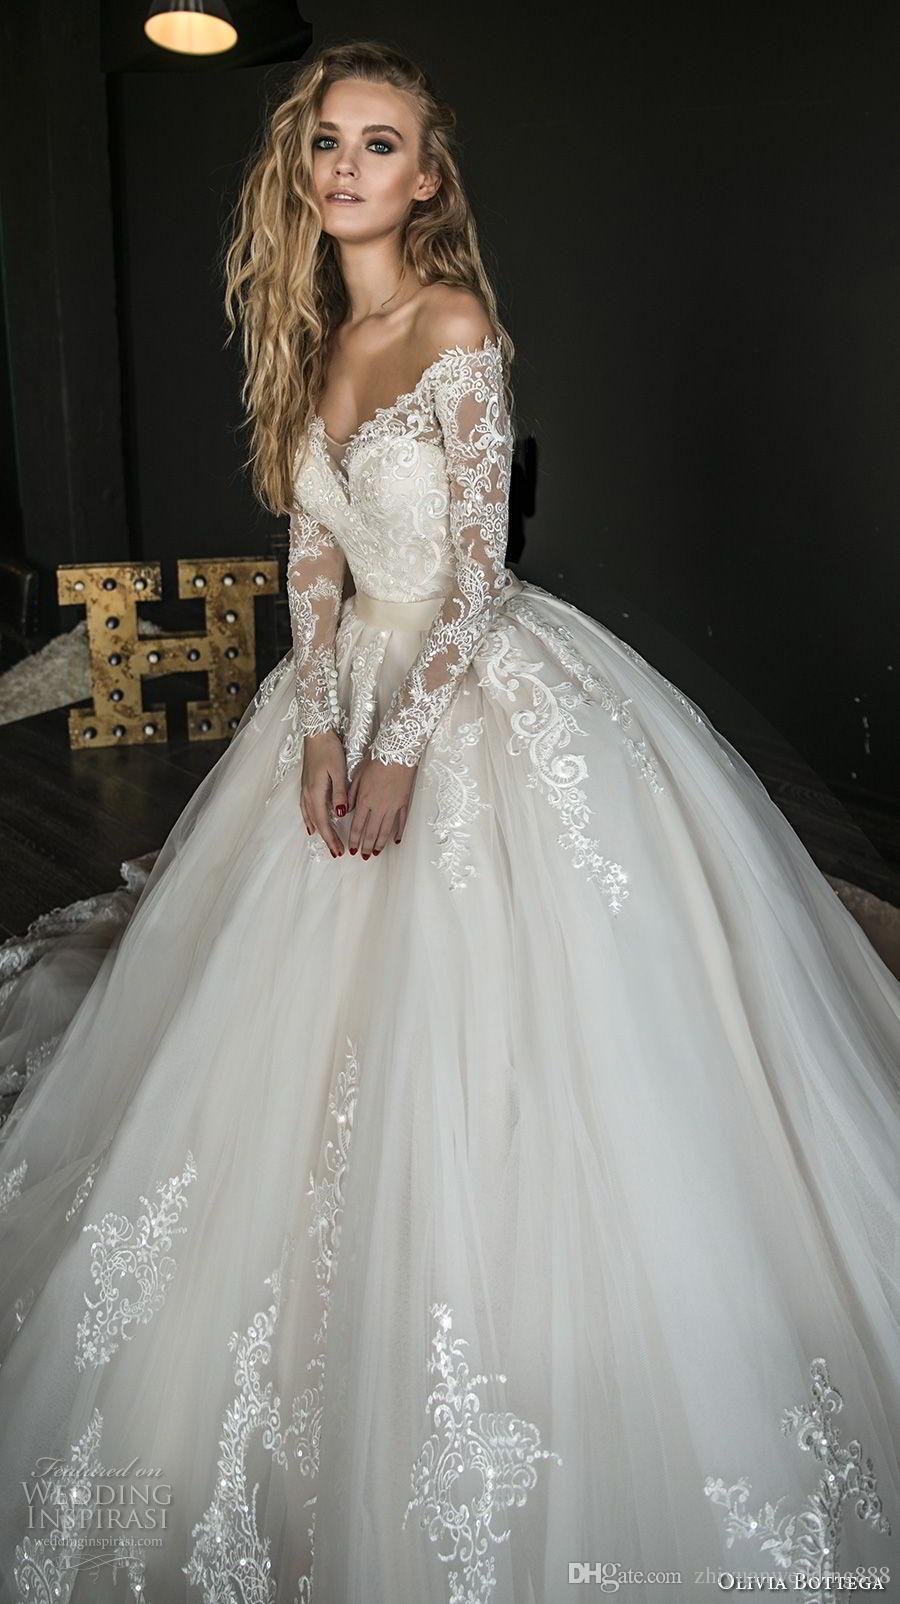 e190cb8289 Népszerű menyasszonyi ruhák 2018 - Szofi esküvői ruha szalon